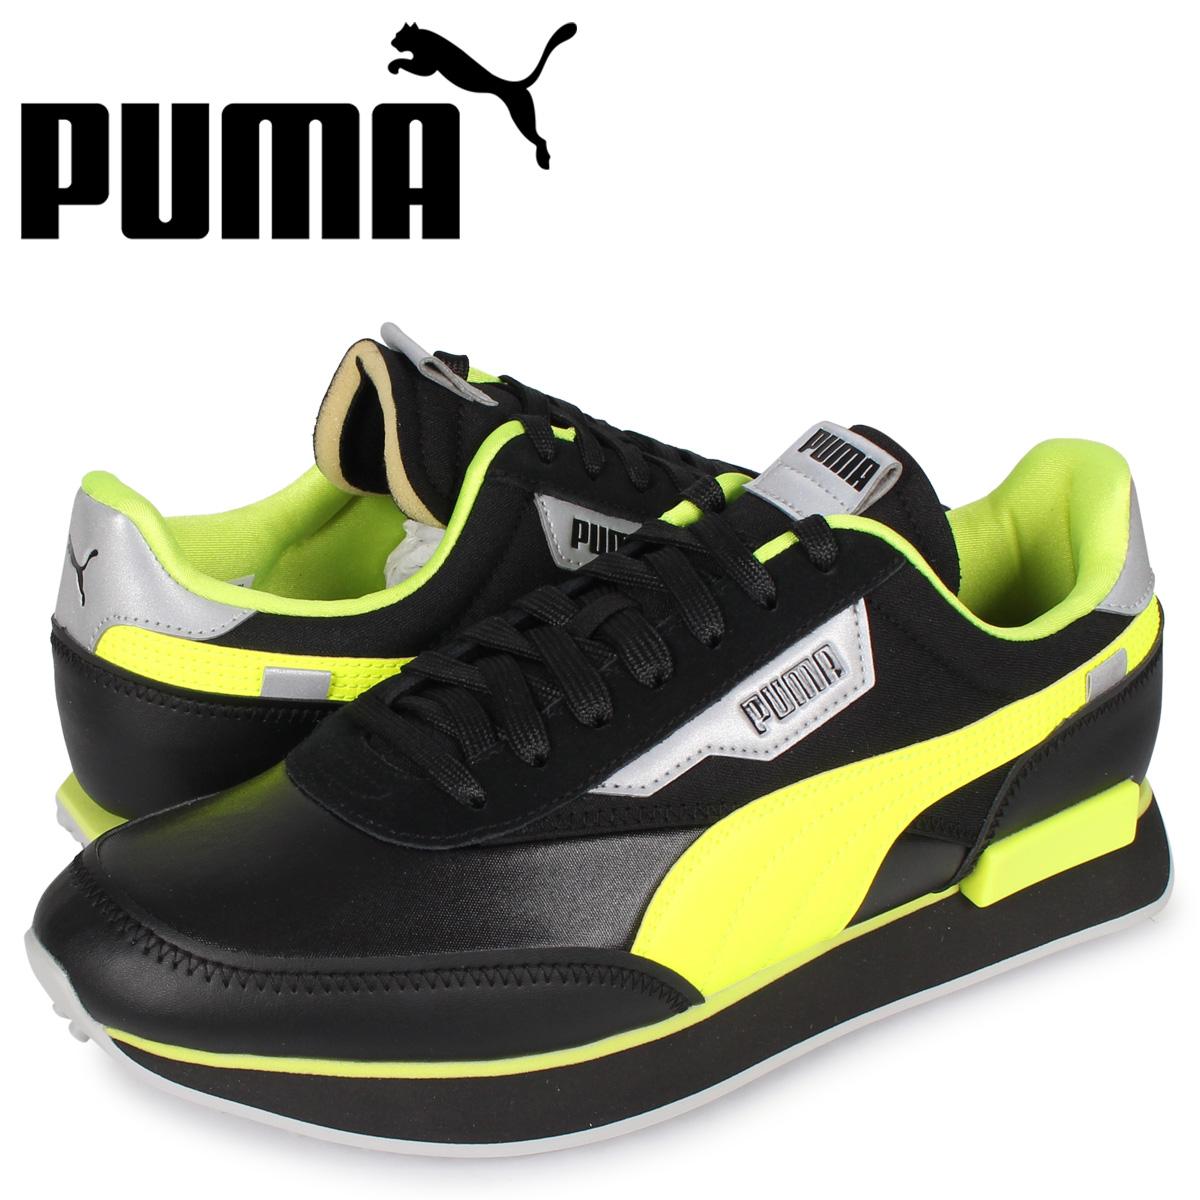 プーマ PUMA フューチャー ライダー スニーカー メンズ FUTURE RIDER RISK ALERT ブラック 黒 37317202